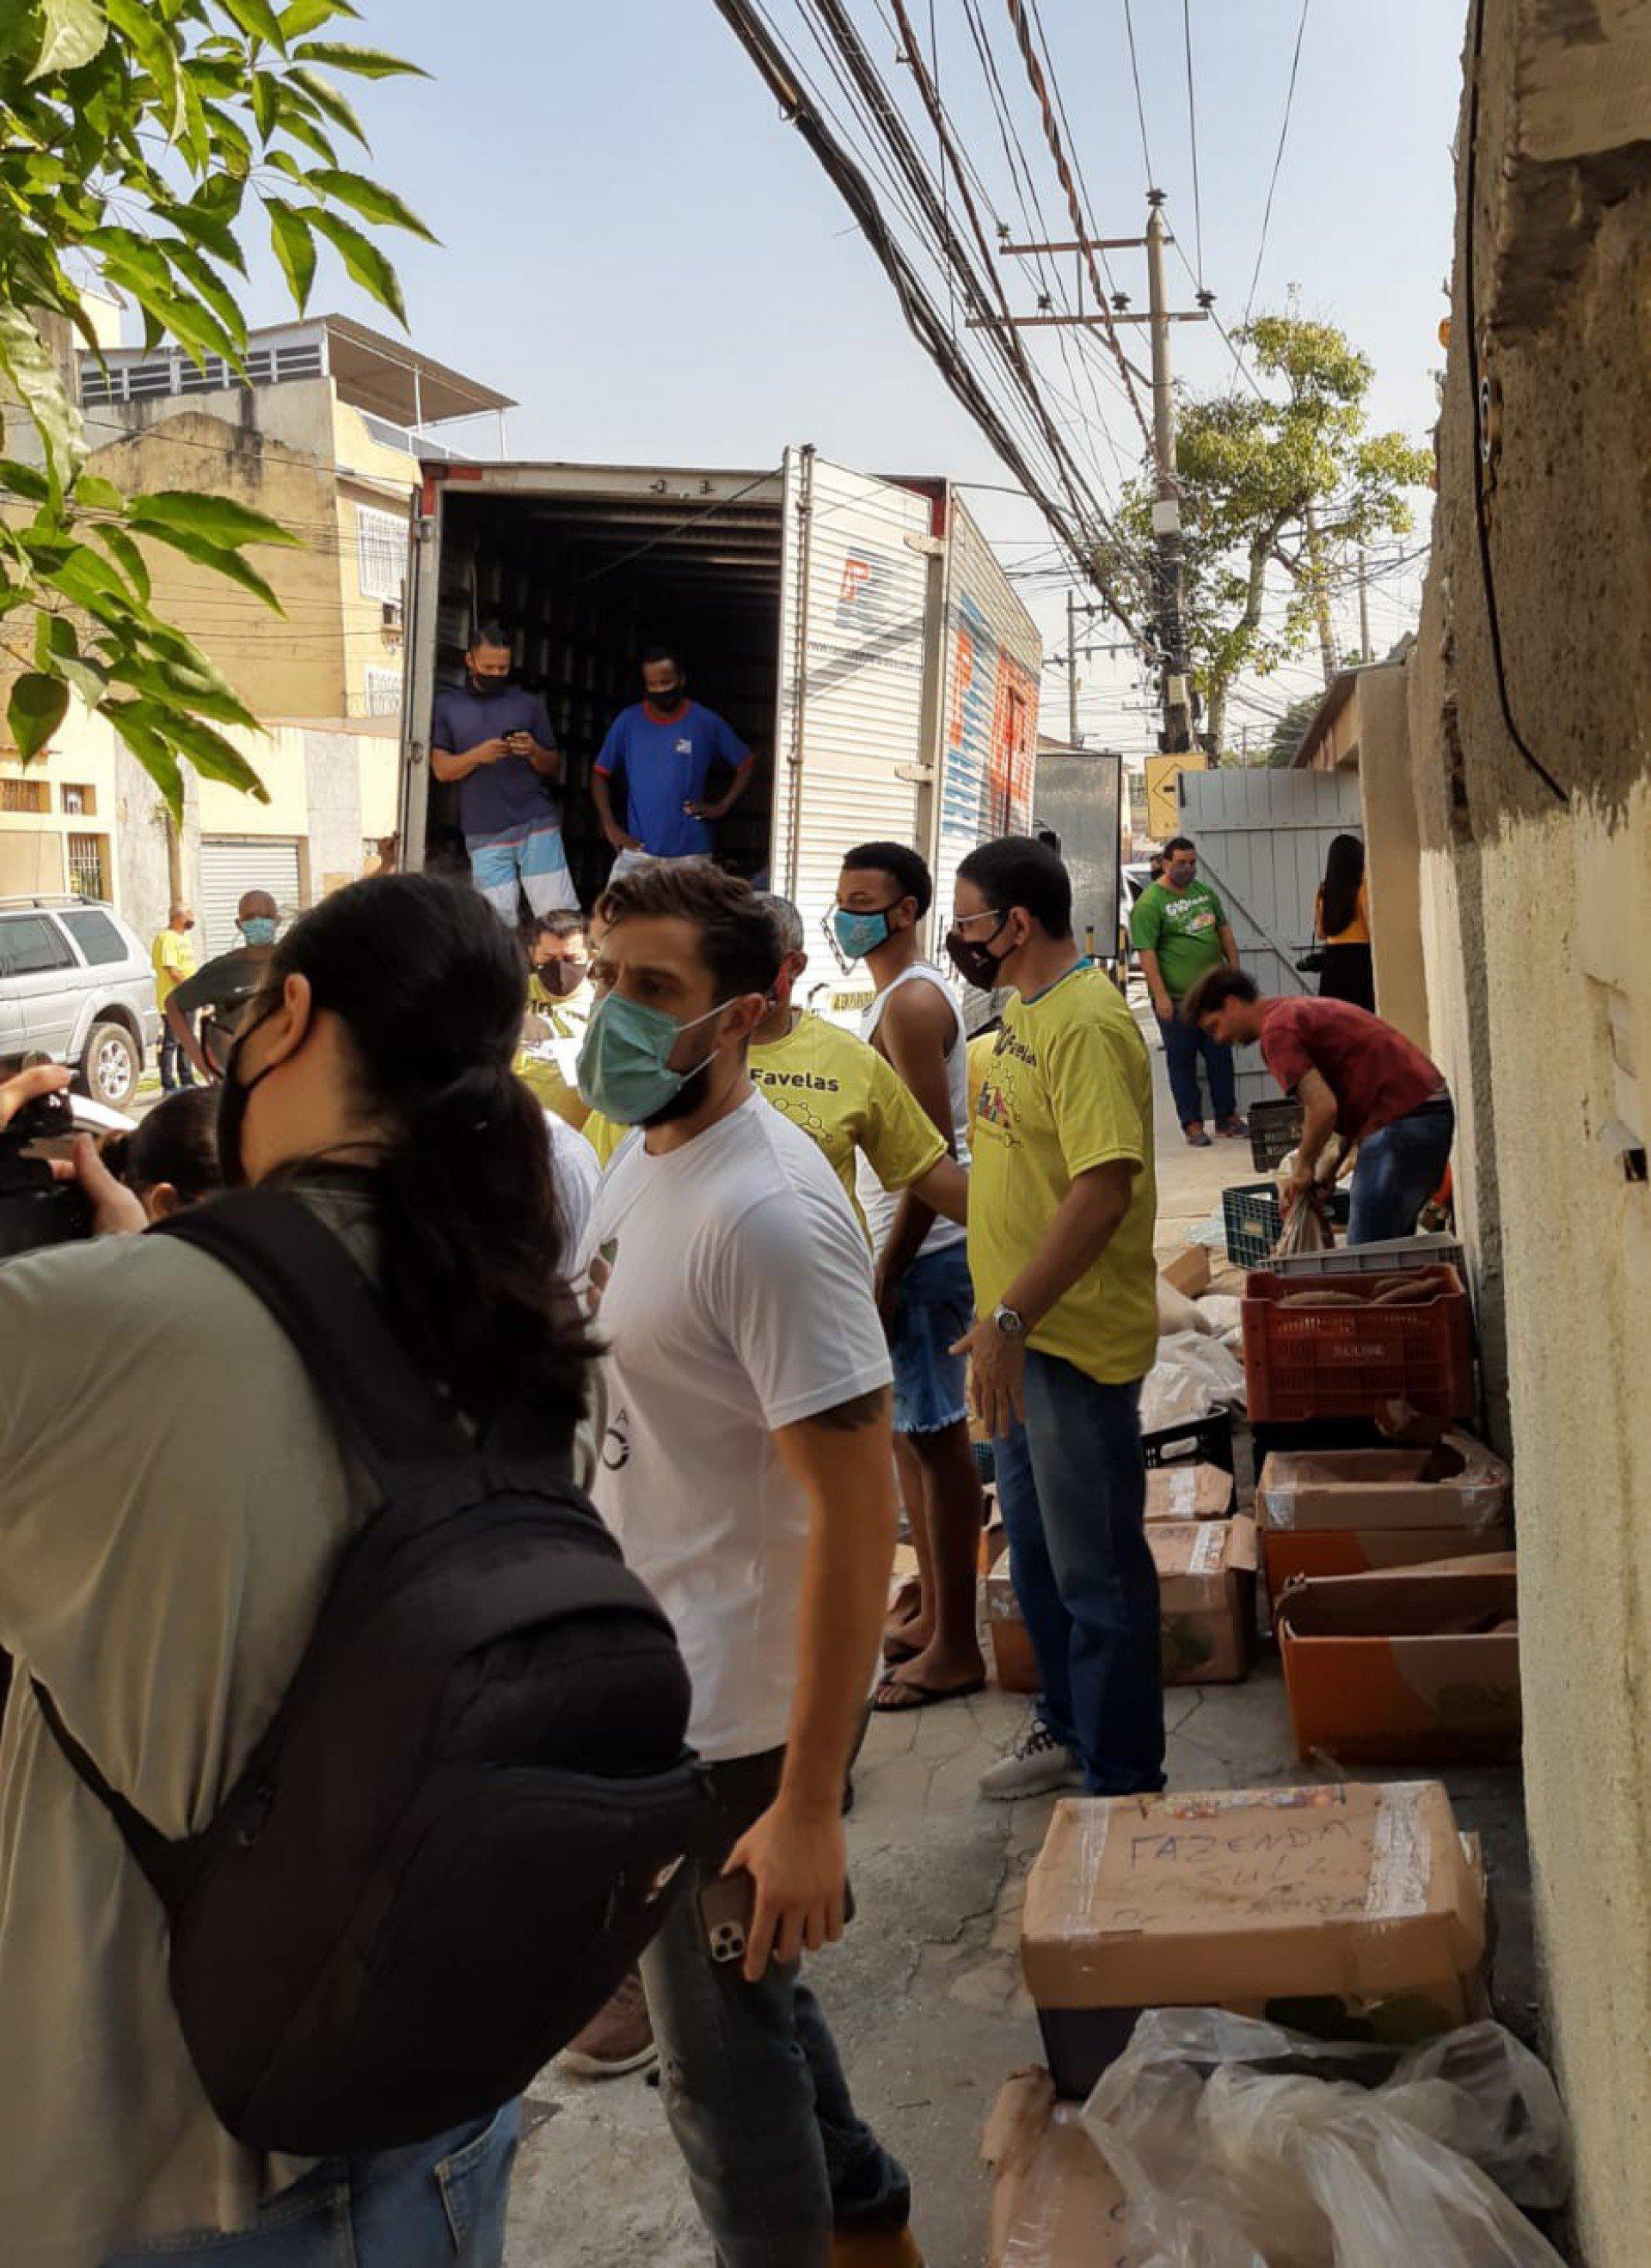 Rafael Cardoso doa caminhão de alimentos orgânicos cultivados em sua fazenda  - Jan Sen